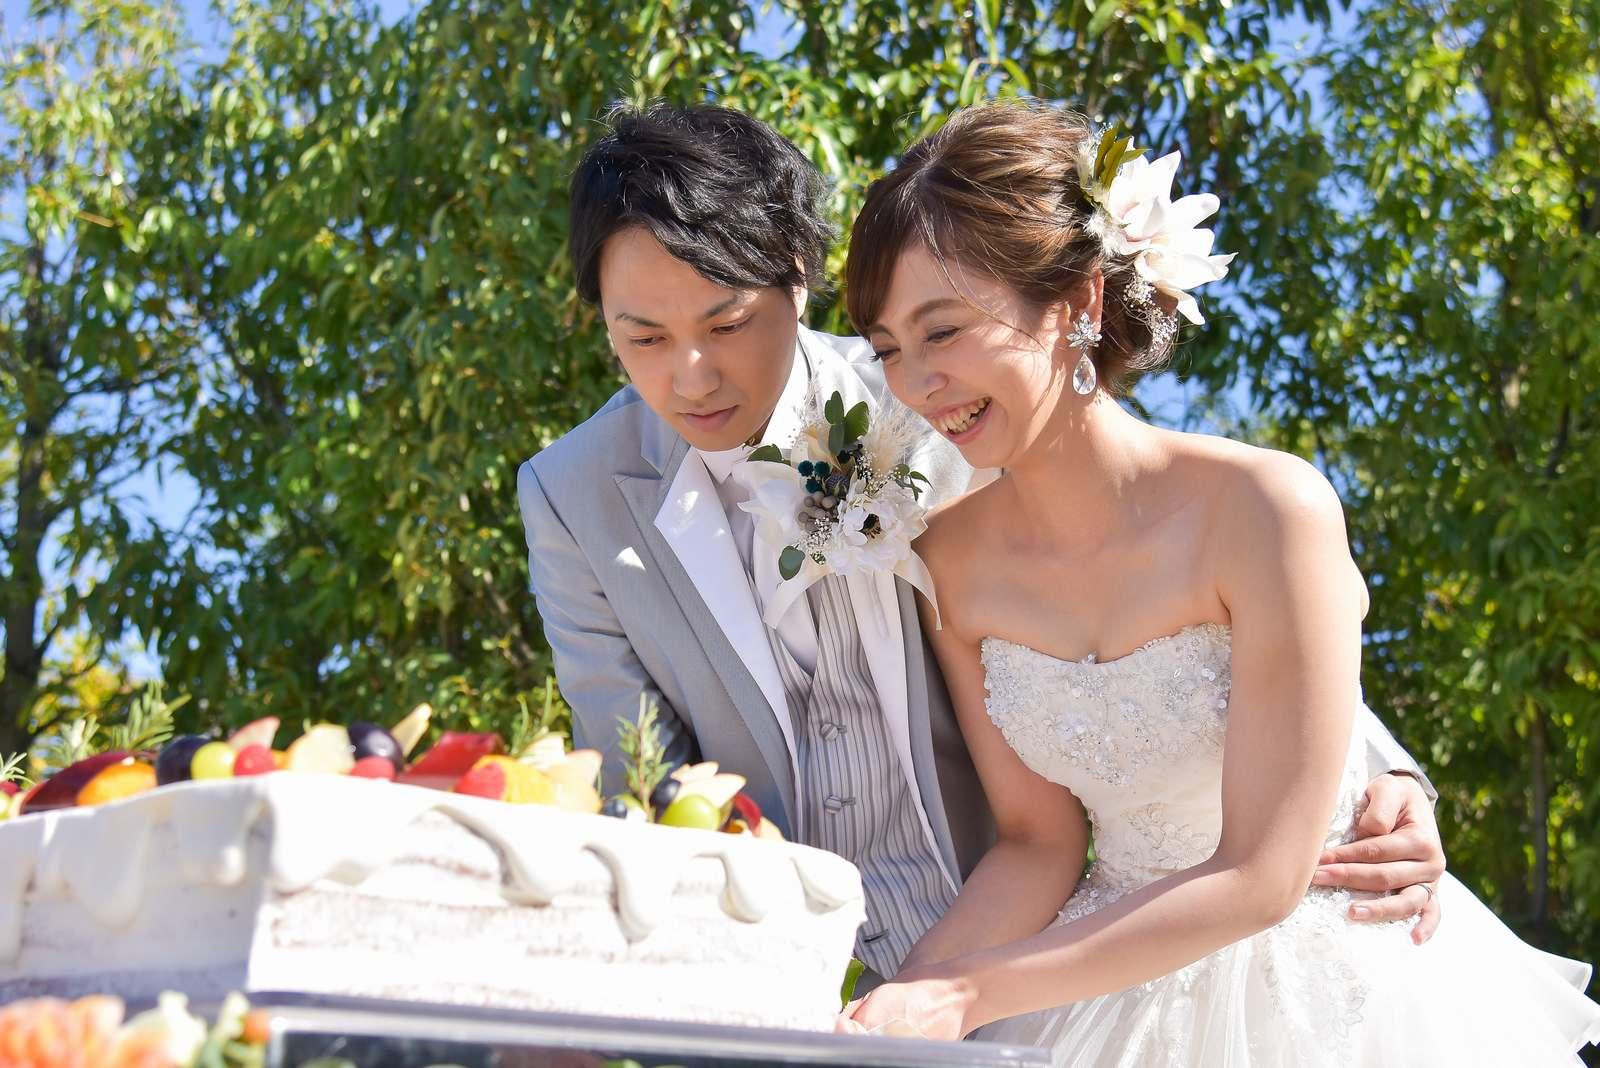 香川県の結婚式場シェルエメール&アイスタイルのケーキ入刀